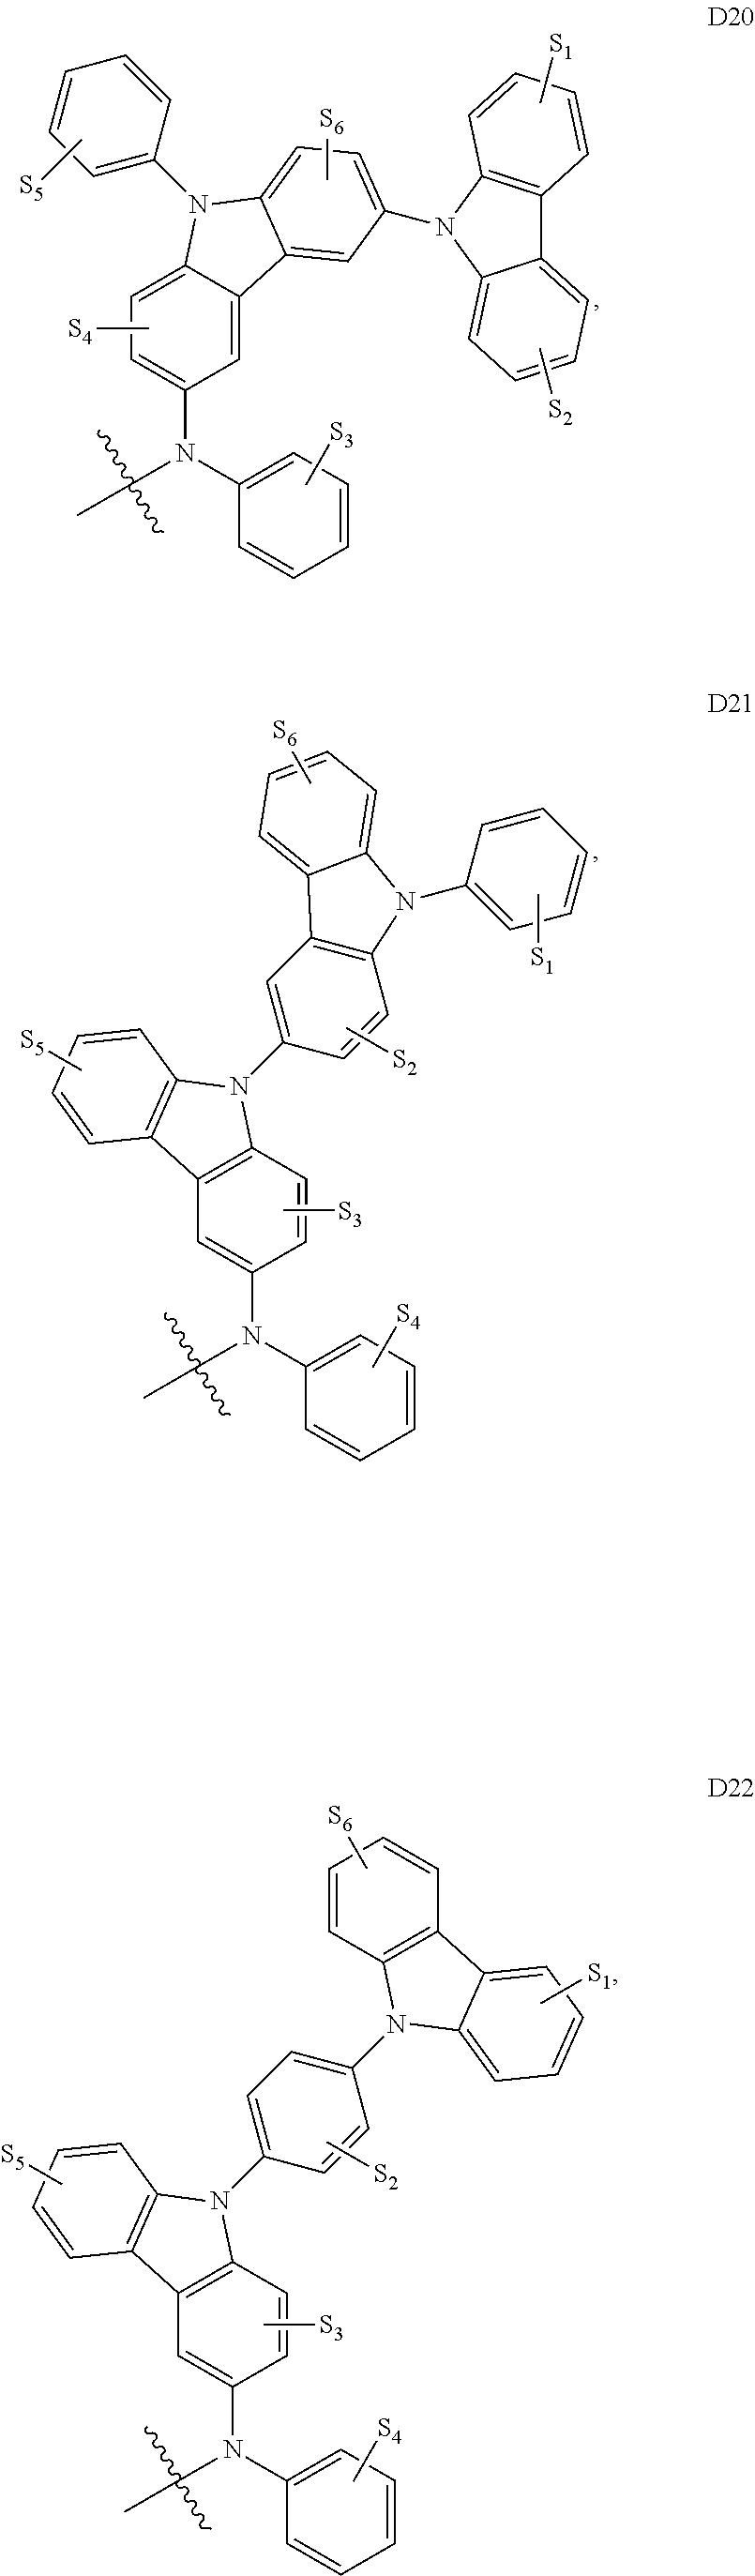 Figure US09324949-20160426-C00052